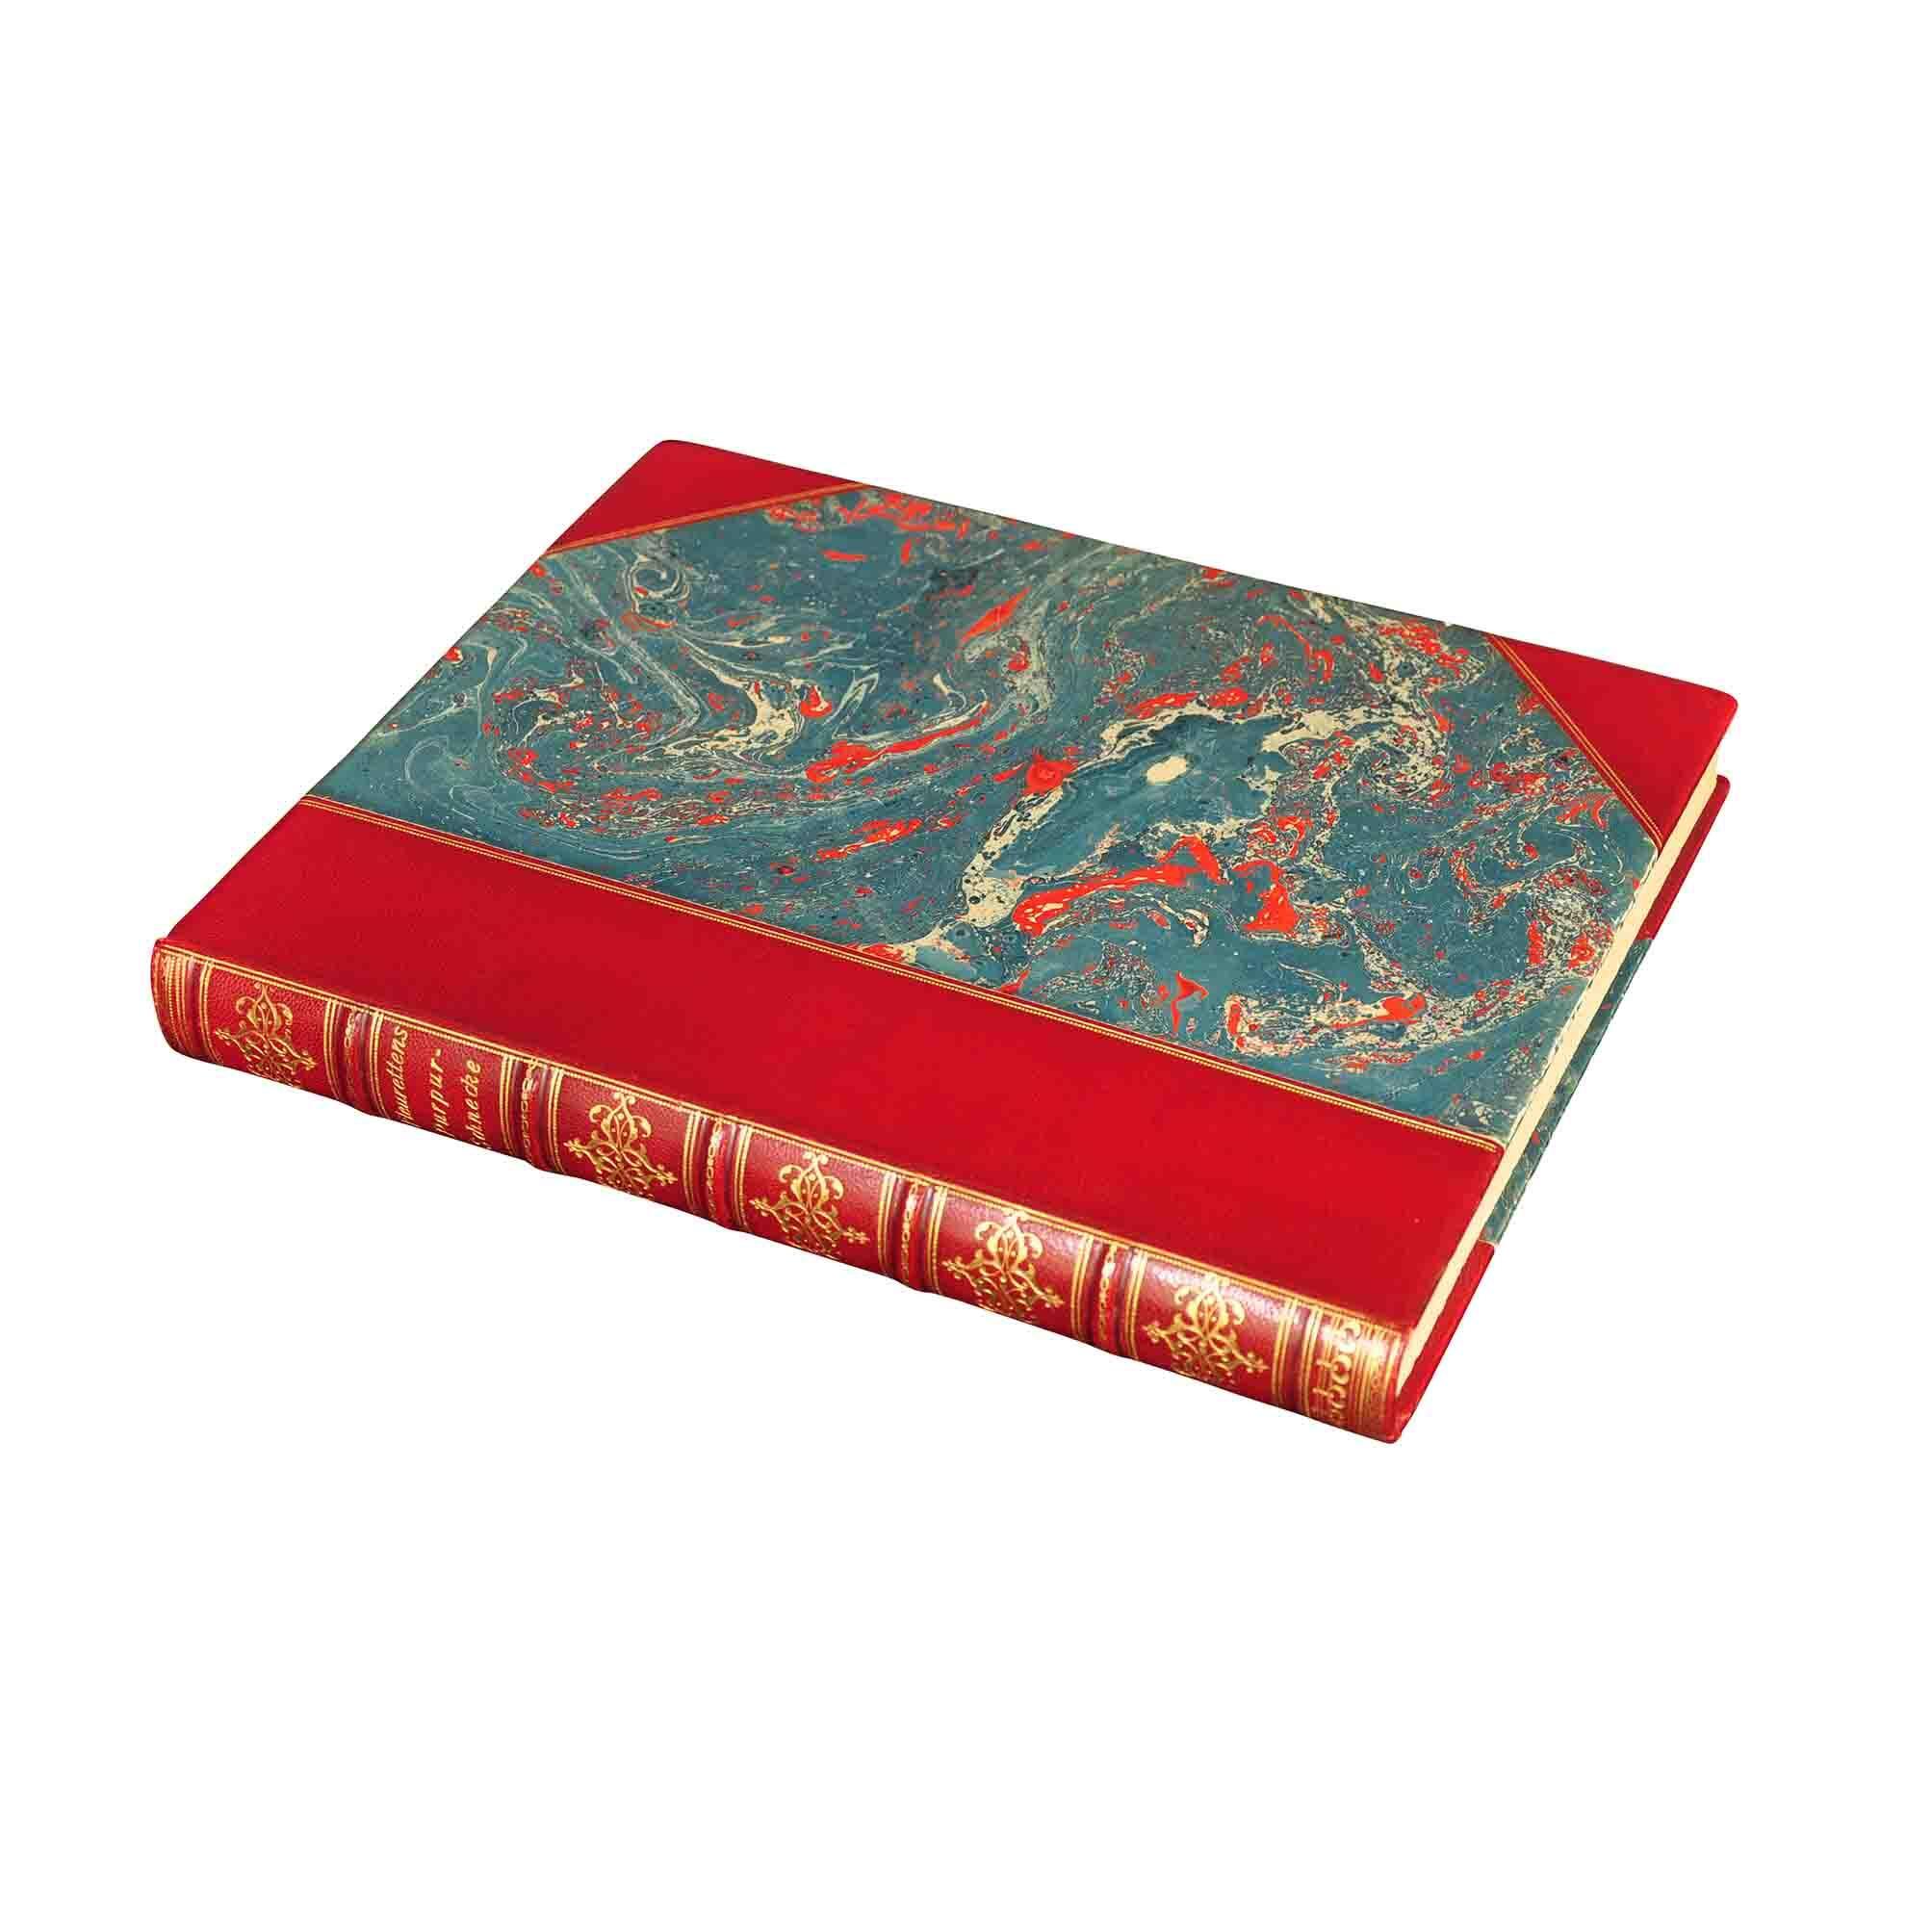 5698 Bayros Purpurschnecke 1905 Cover N